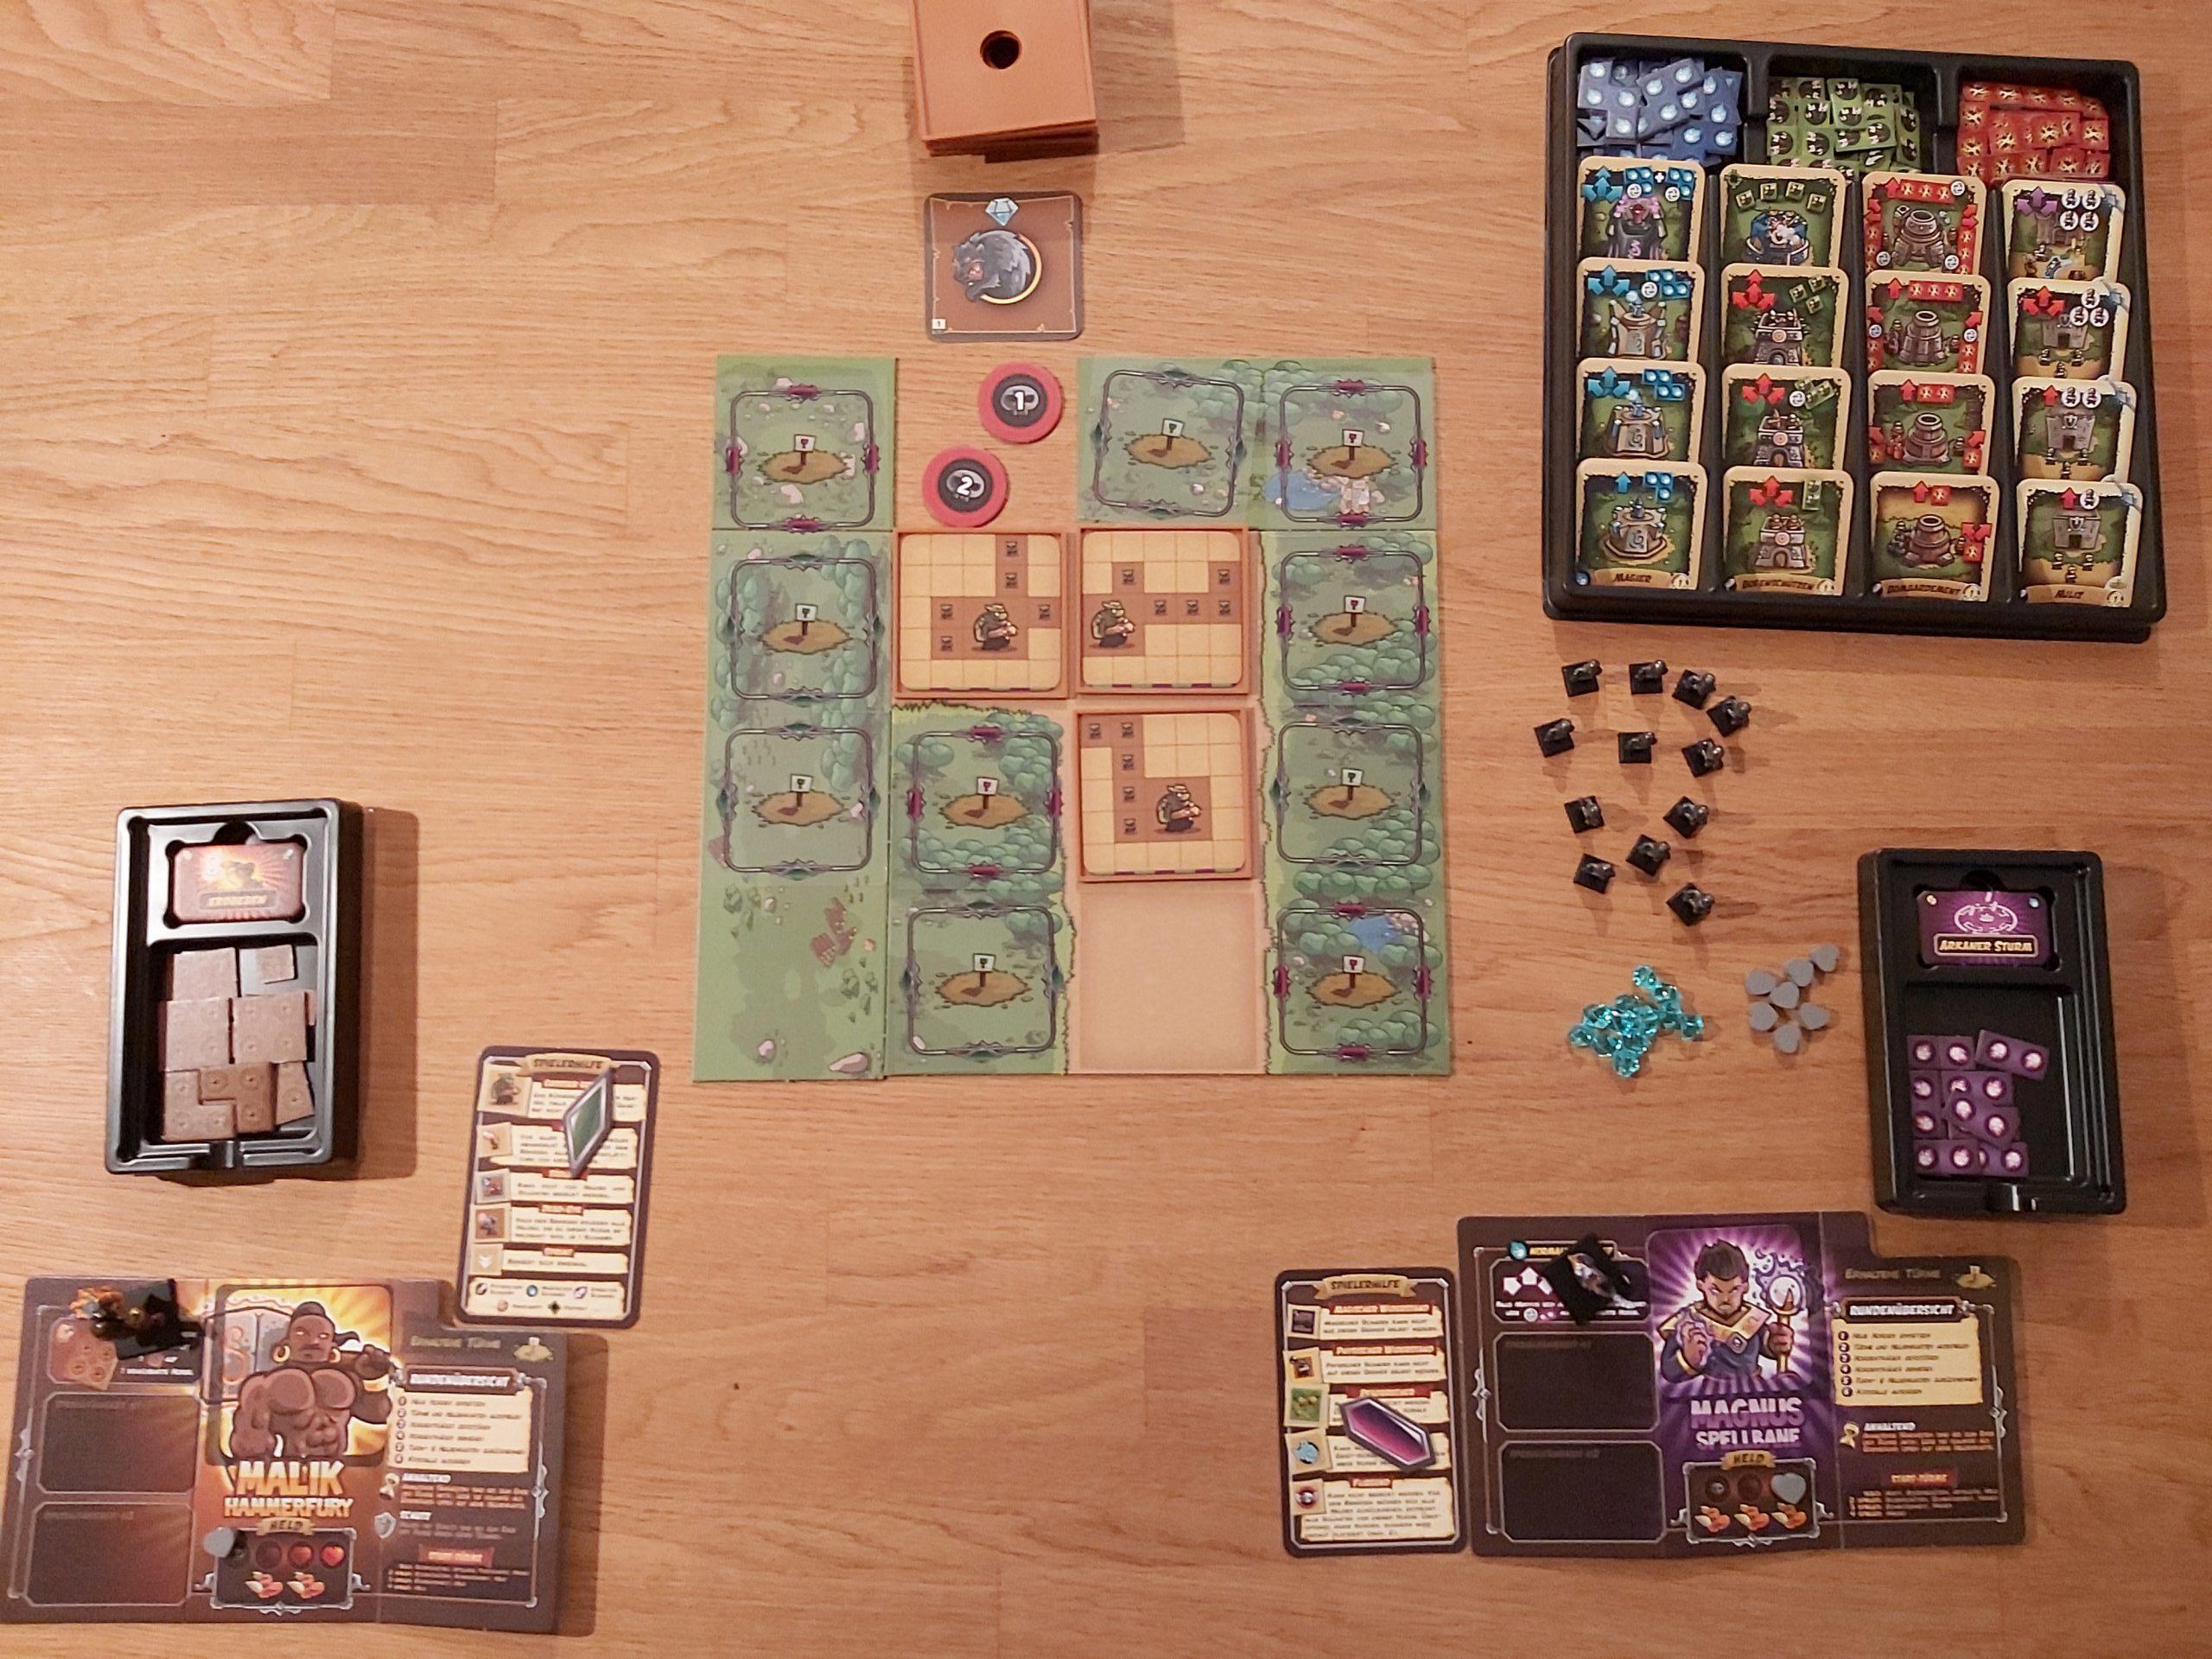 Zu sehen ist der Spielaufbau für 2 Spielende.